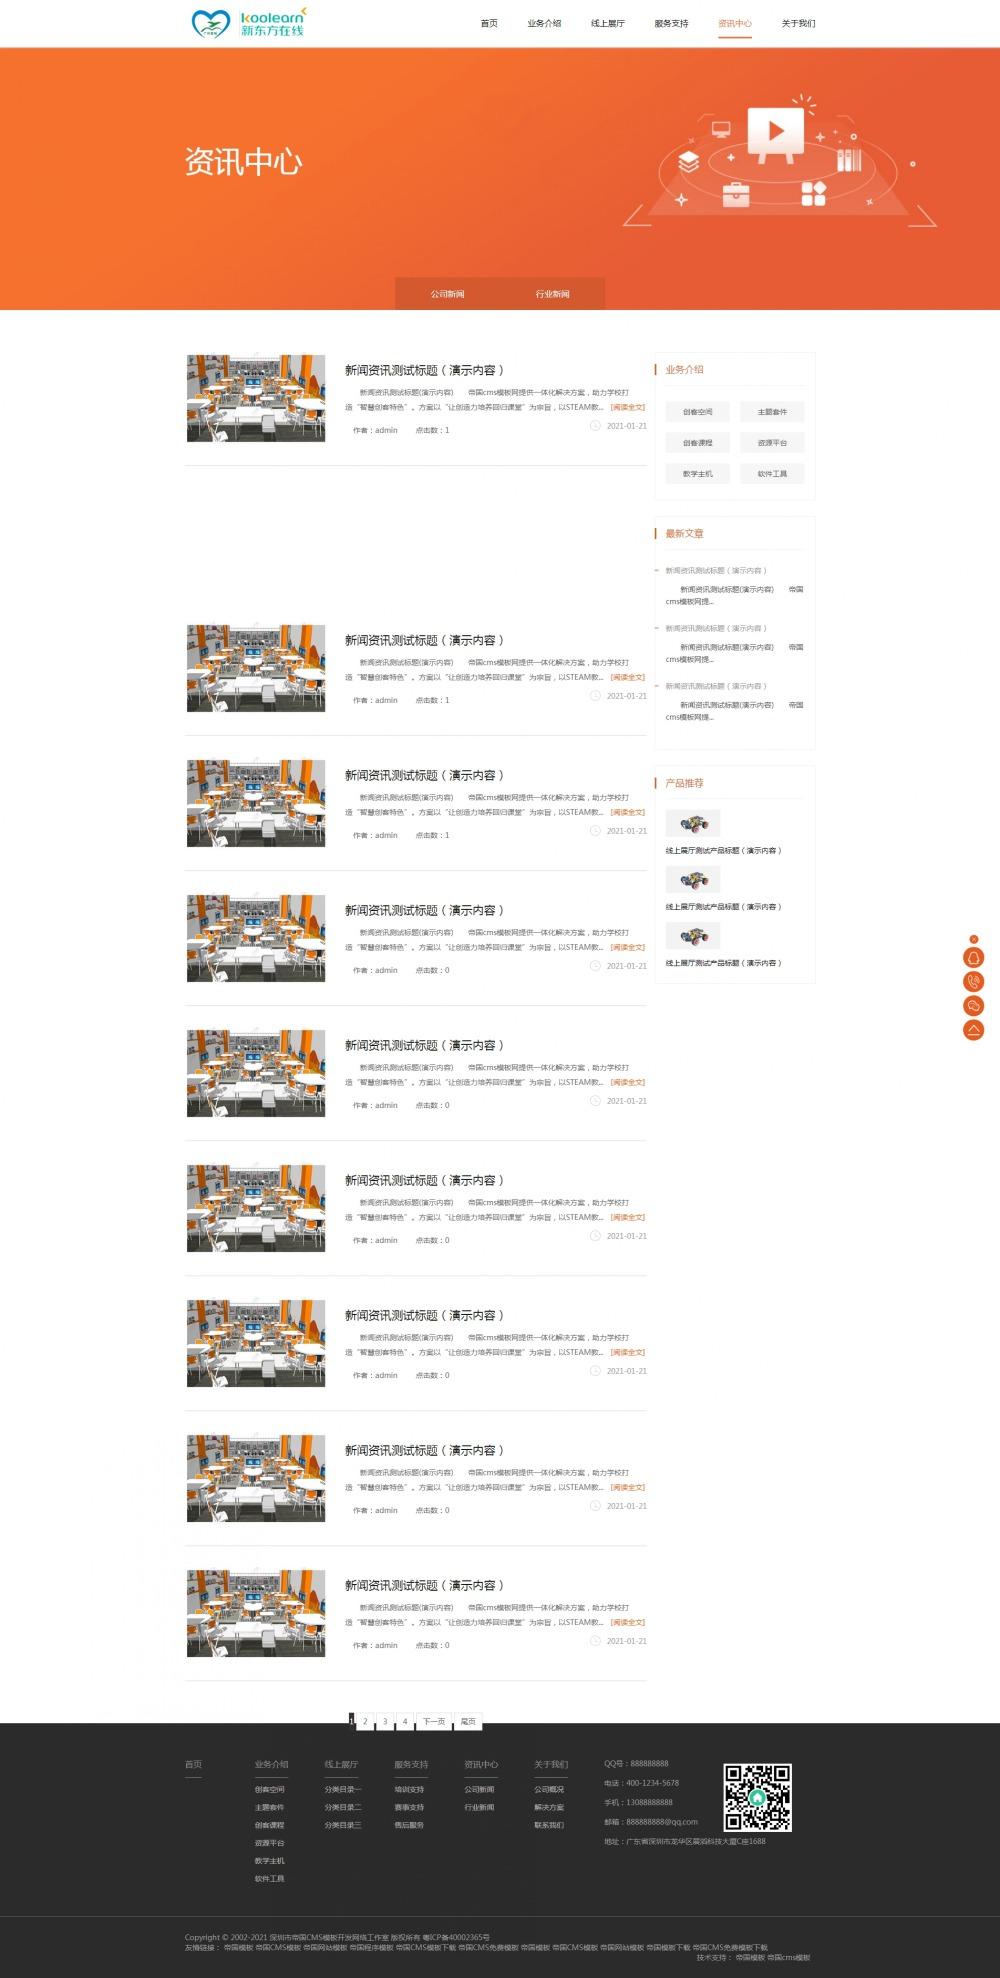 5新闻动态.jpg [DG-0178]响应式远程线上教育机构帝国cms模板,HTML5教育培训机构网站源码下载 企业模板 第5张